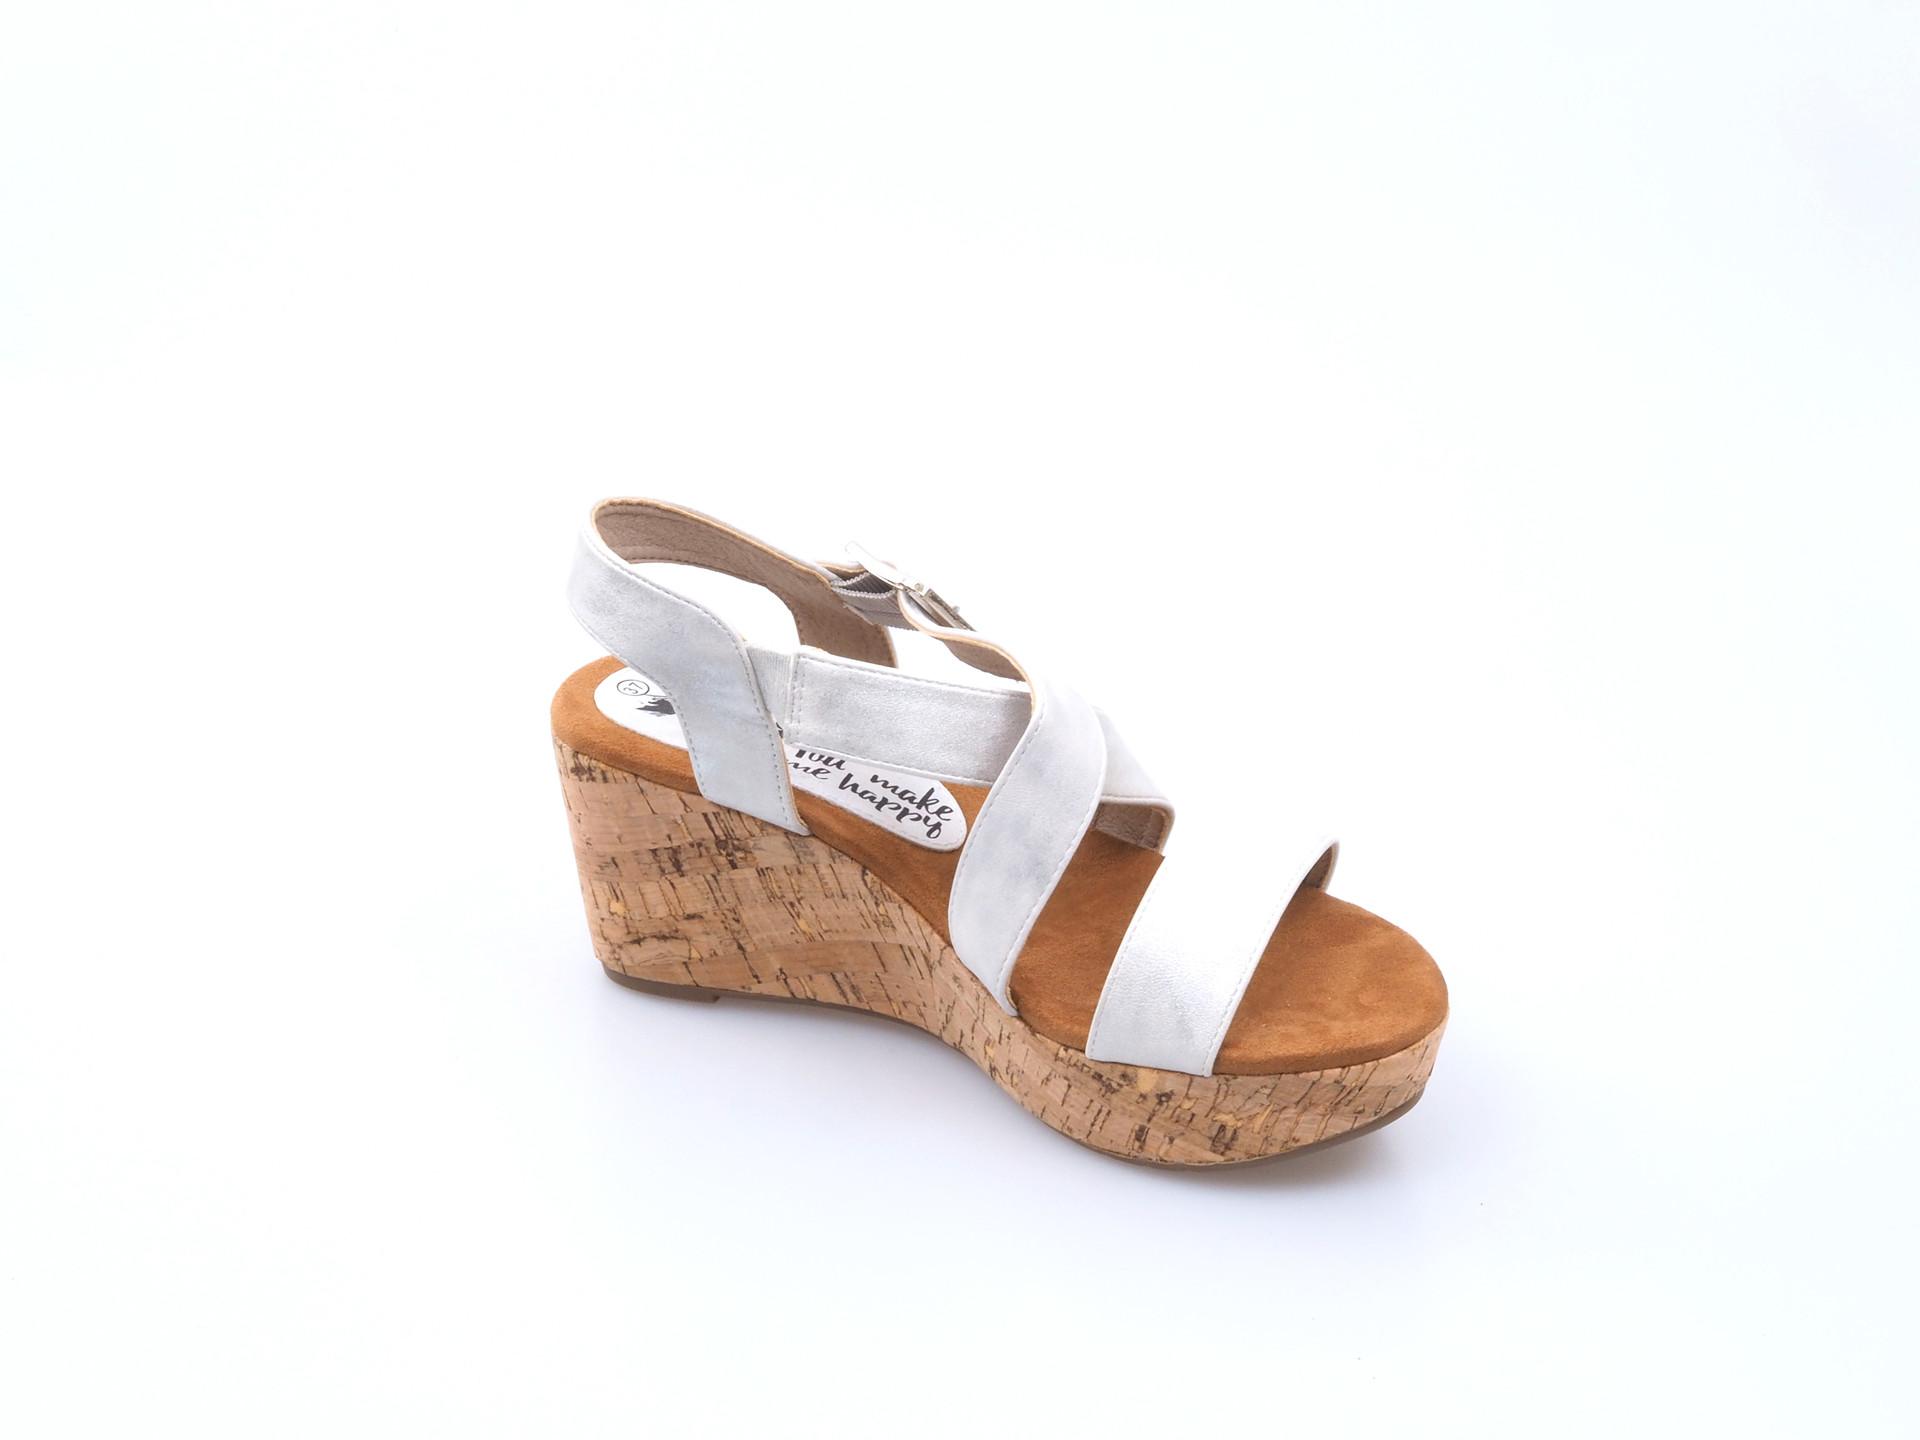 cd1549a3e4 Soňa - Dámska obuv - Sandále - Dámske otvorené sandále na platforme Xti -  strieborná